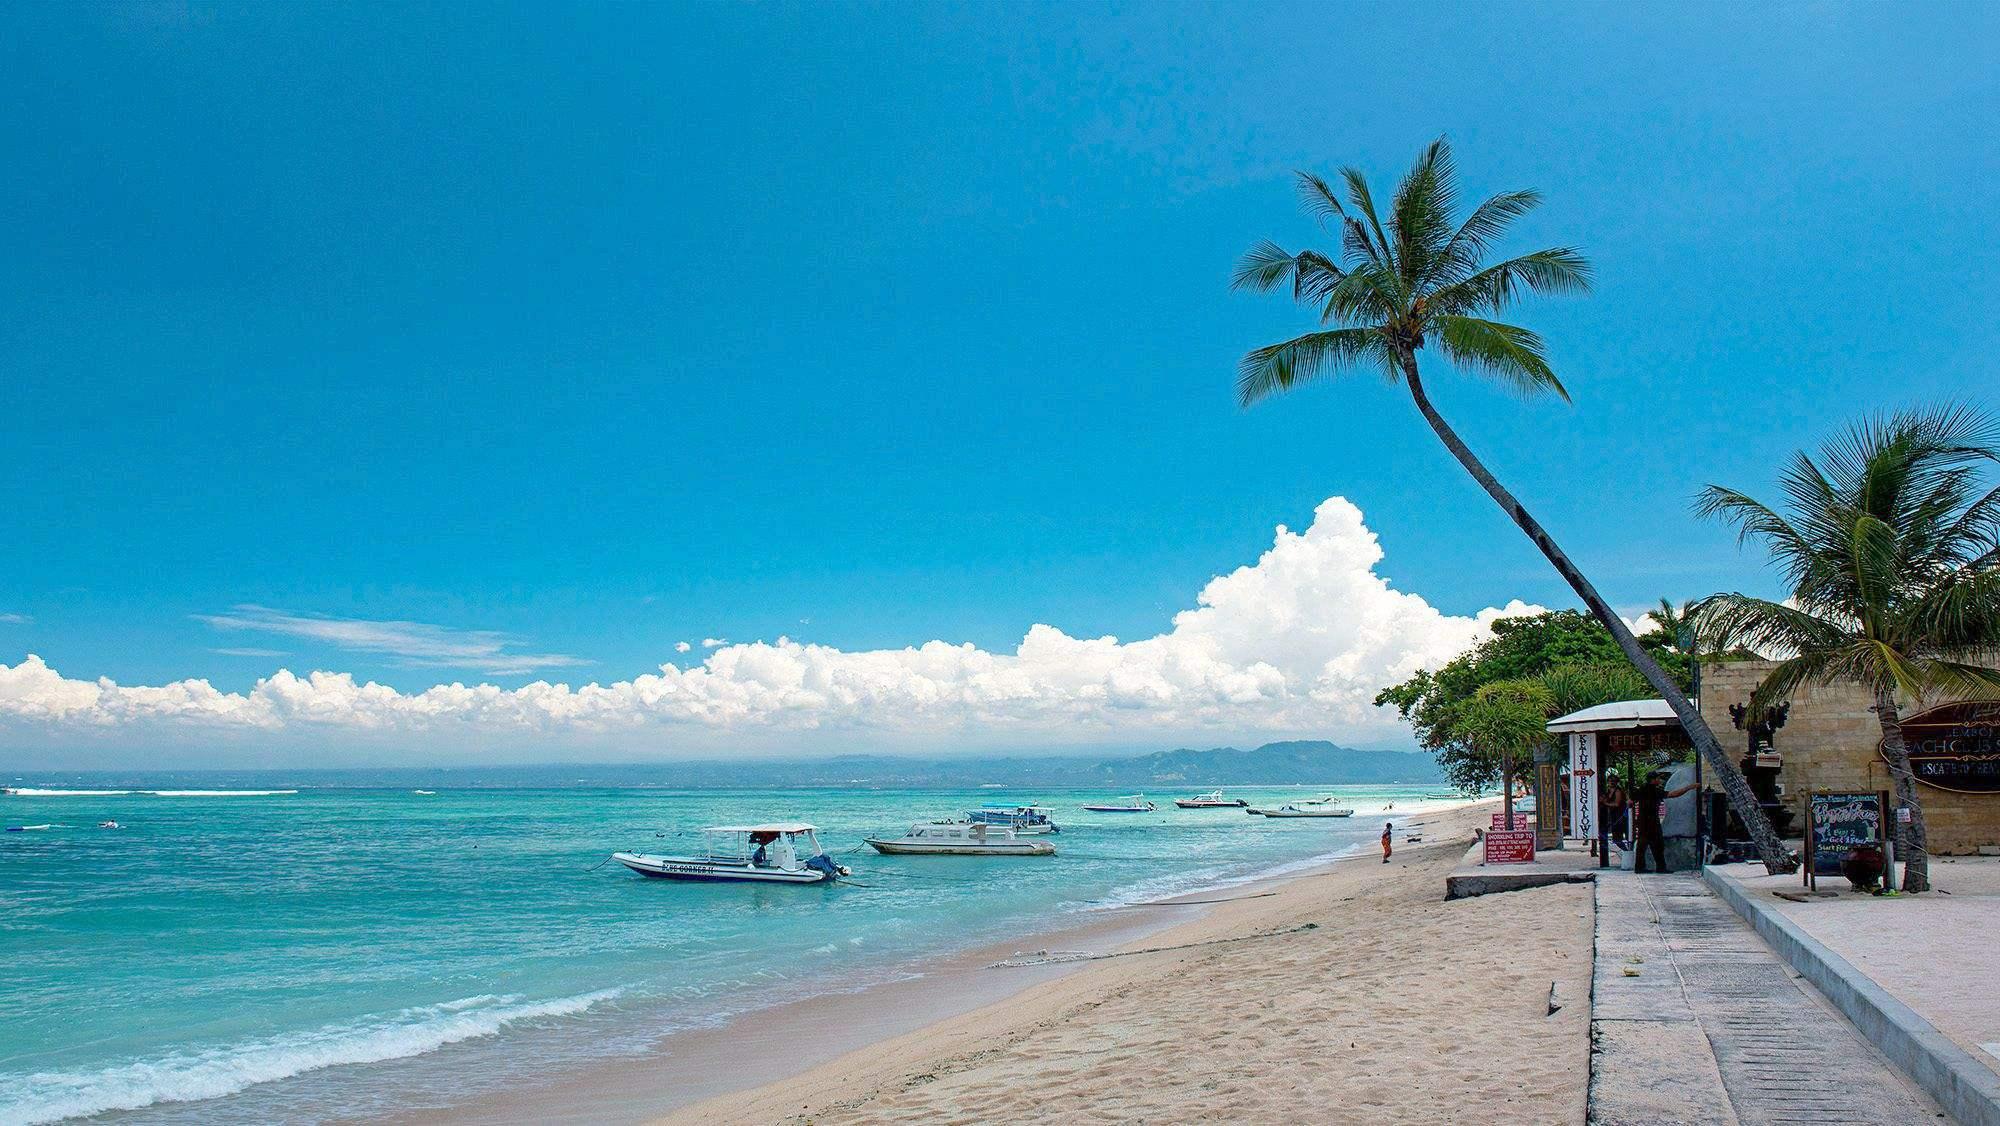 巴厘岛最佳旅游时间_巴厘岛什么时候旅游最佳时间_百度知道